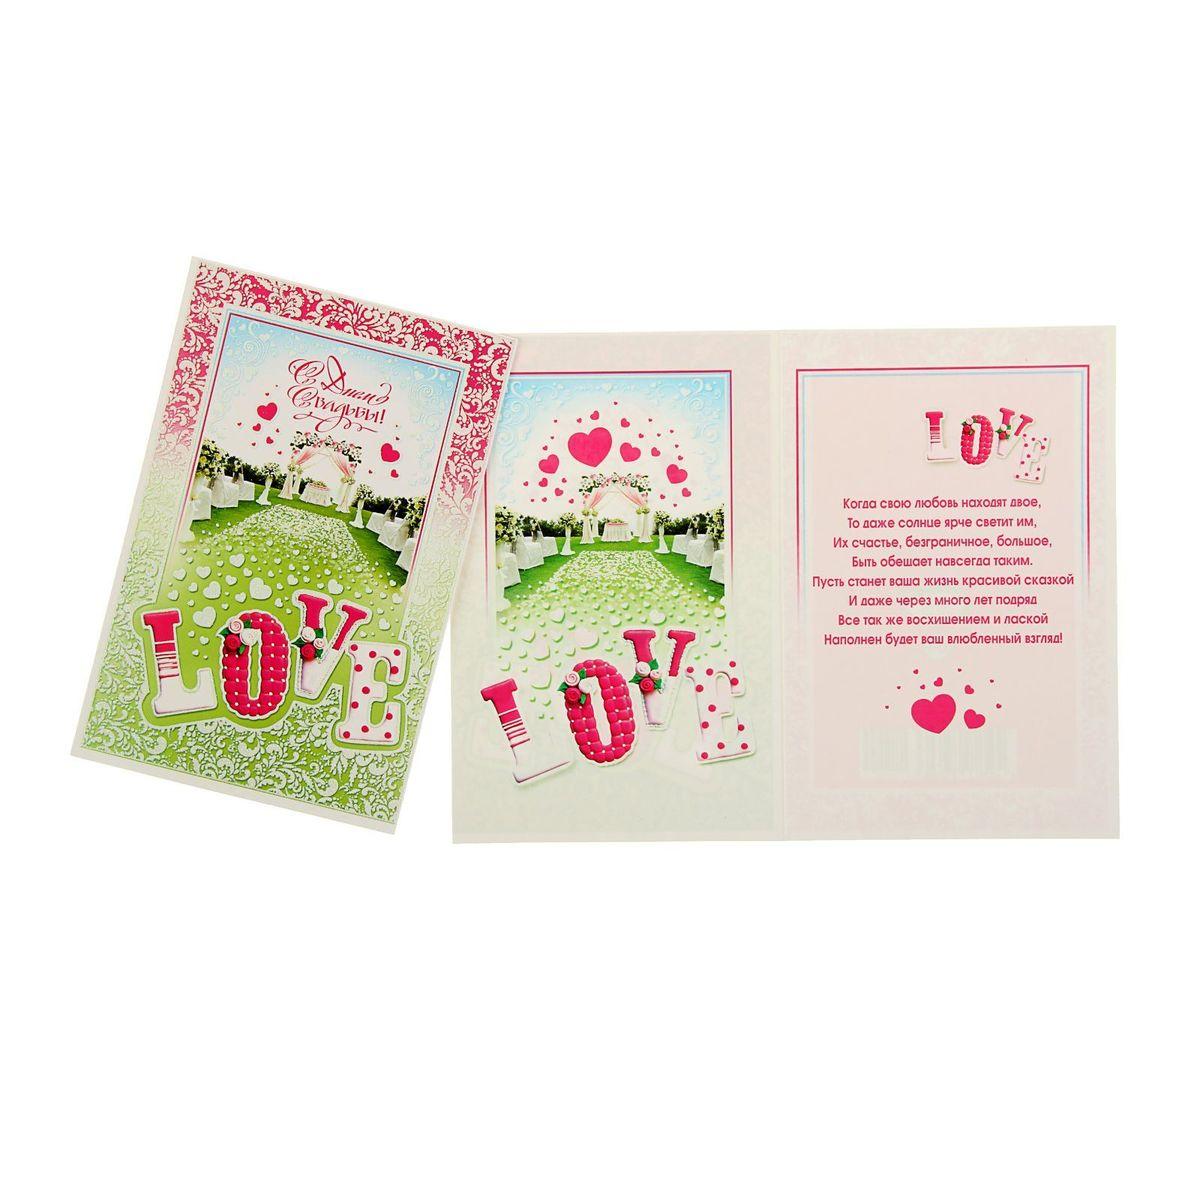 Открытка Мир открыток С Днем Свадьбы! LOVEБрелок для ключейЕсли вы хотите порадовать себя или близких, создать праздничное настроение и с улыбкой провести памятный день, то вы, несомненно, сделали правильный выбор! Открытка Мир открыток С Днем Свадьбы! LOVE, выполненная из картона, отличается не только оригинальным дизайном, но и высоким качеством.Лицевая сторона изделия оформлена красивым изображением и изысканным белым узором. Внутри открытка содержит текст с поздравлением.Такая открытка непременно порадует получателя и станет отличным напоминанием о проведенном вместе времени.